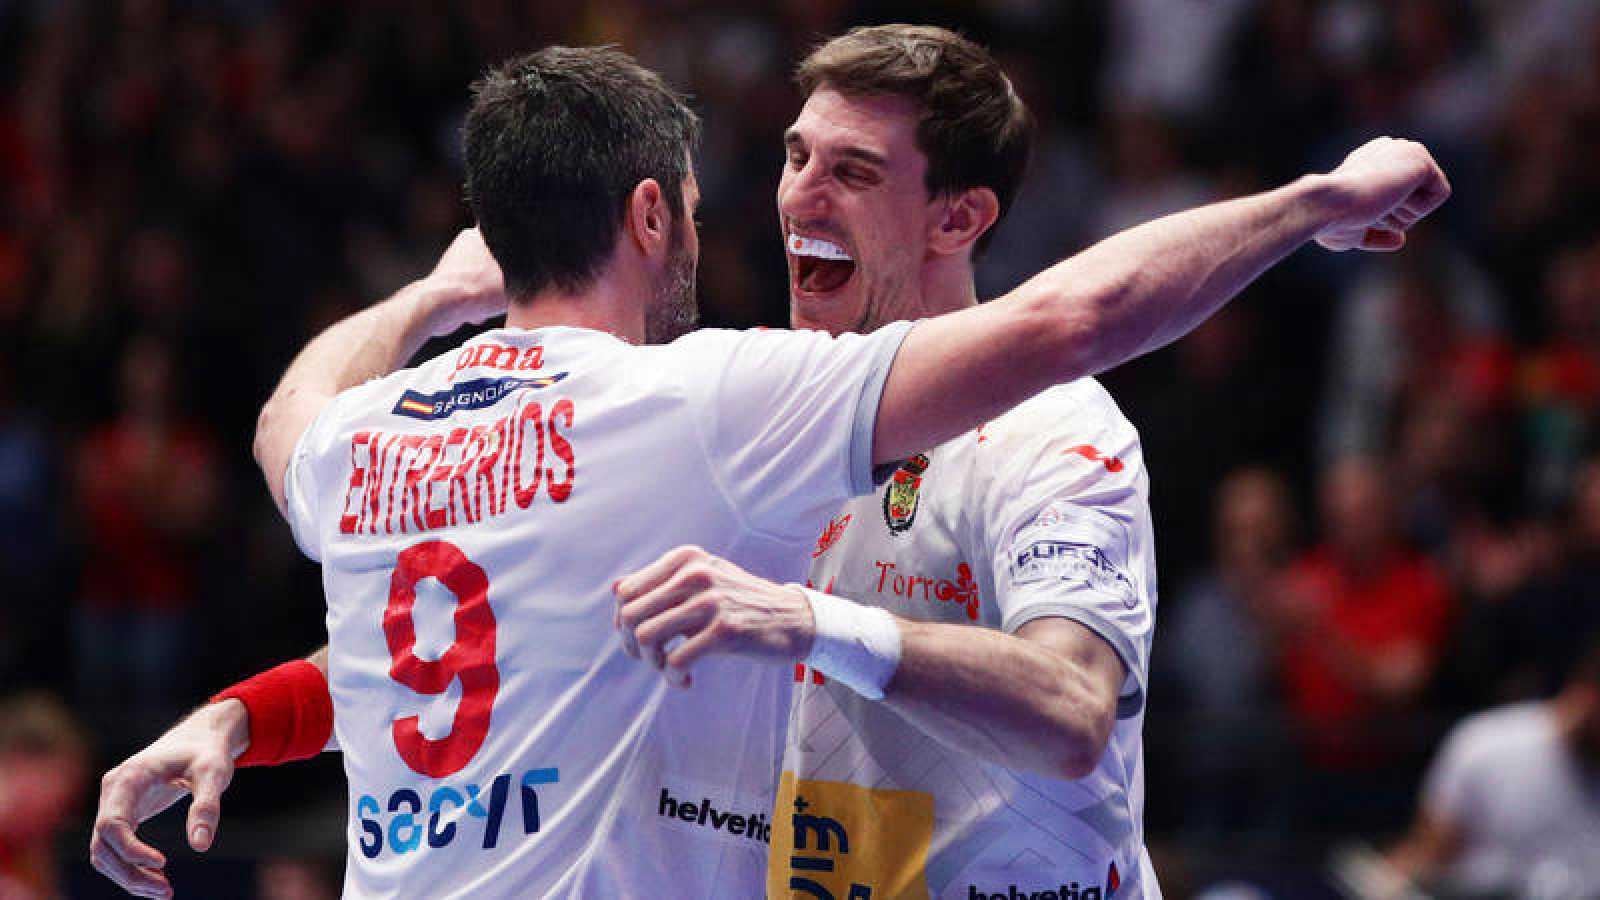 Raúl Entrerríos y Viran Morros celebran una victoria de la selección española en el Europeo.